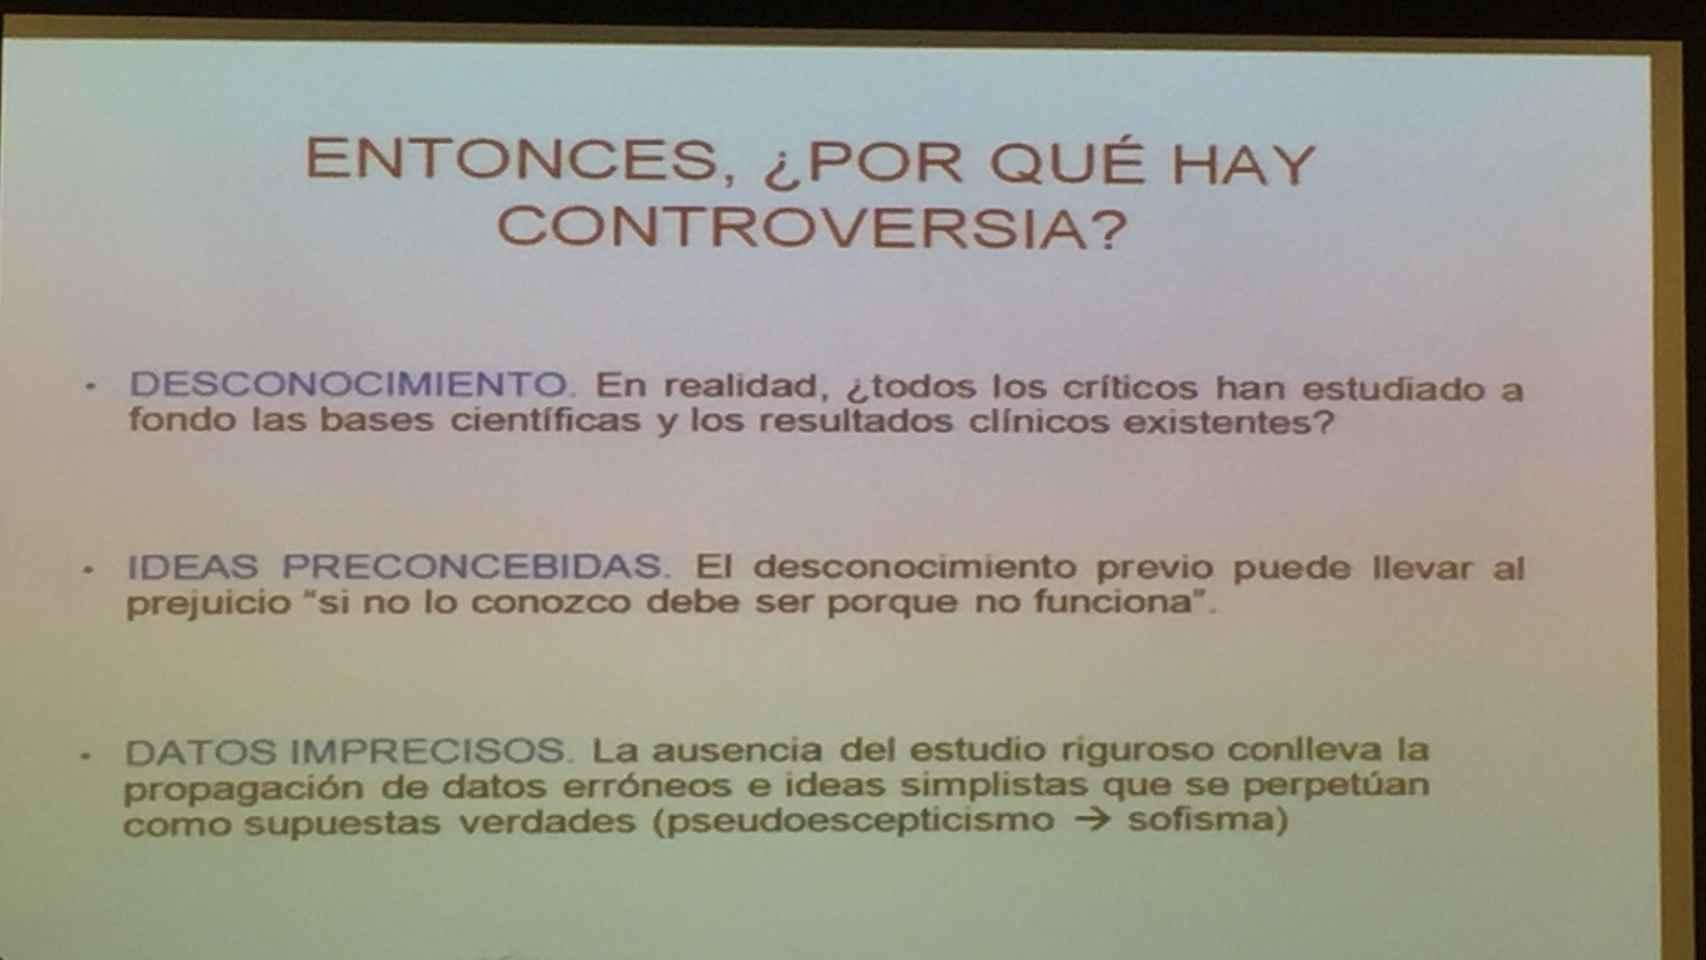 Una de las diapositivas usadas durante el evento.